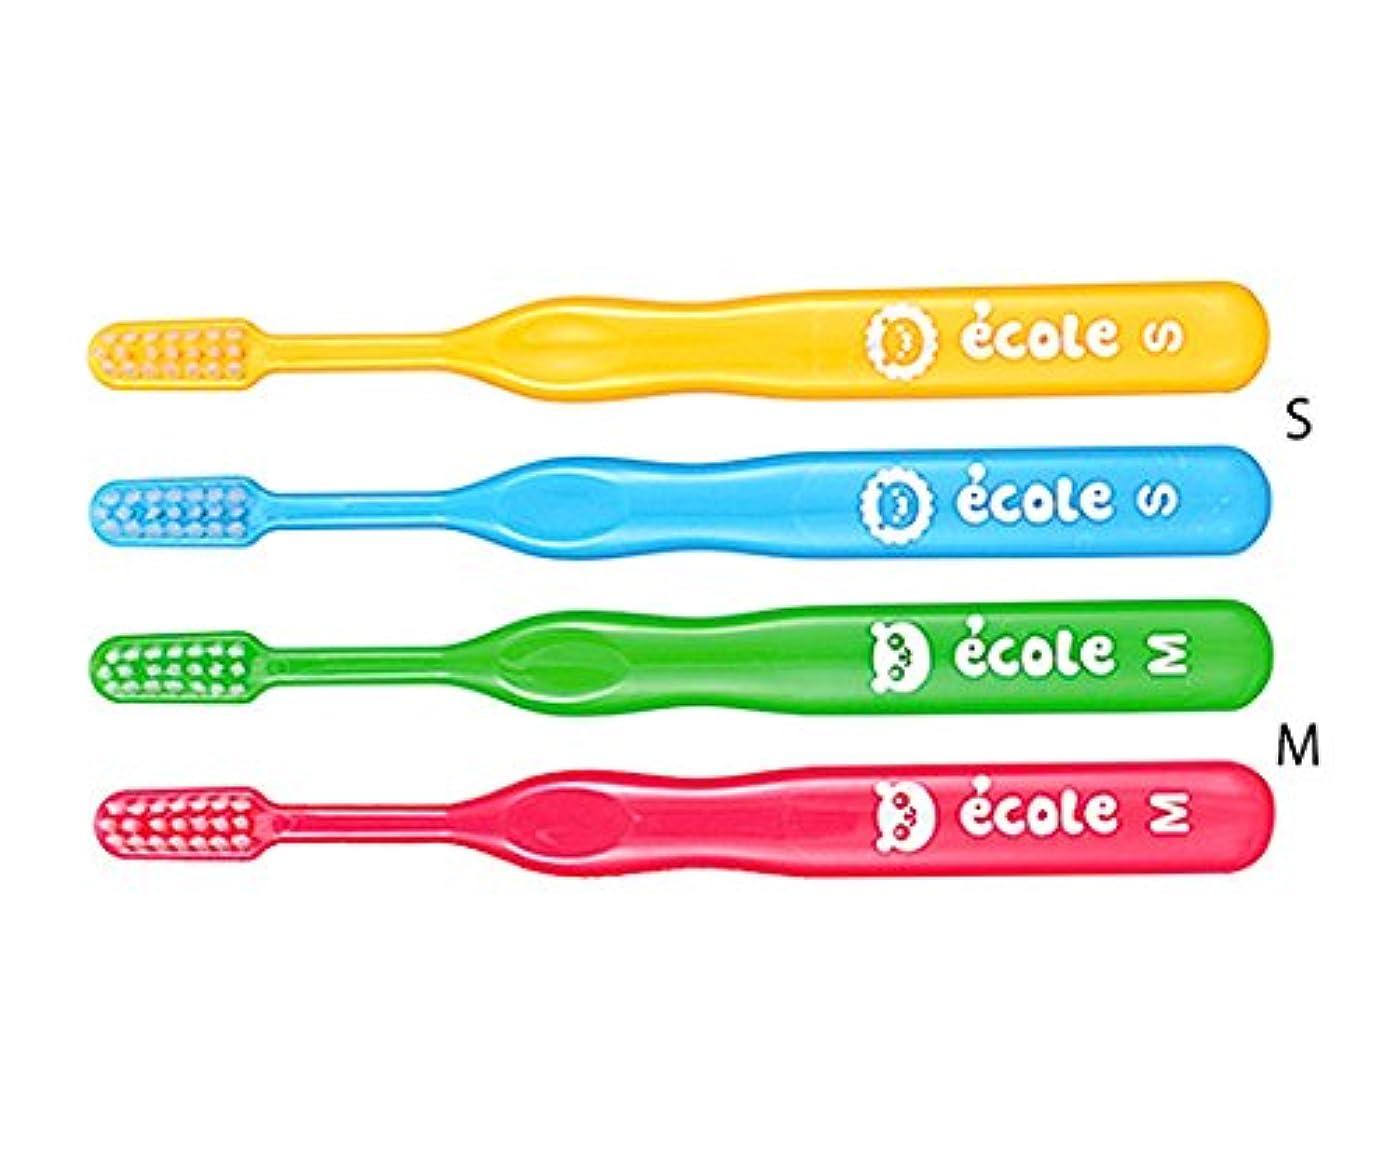 フェザーミュウミュウ彼らは歯愛メディカル 歯ブラシ 子供用サイズ リセラエコルS 48本入 8-7750-22